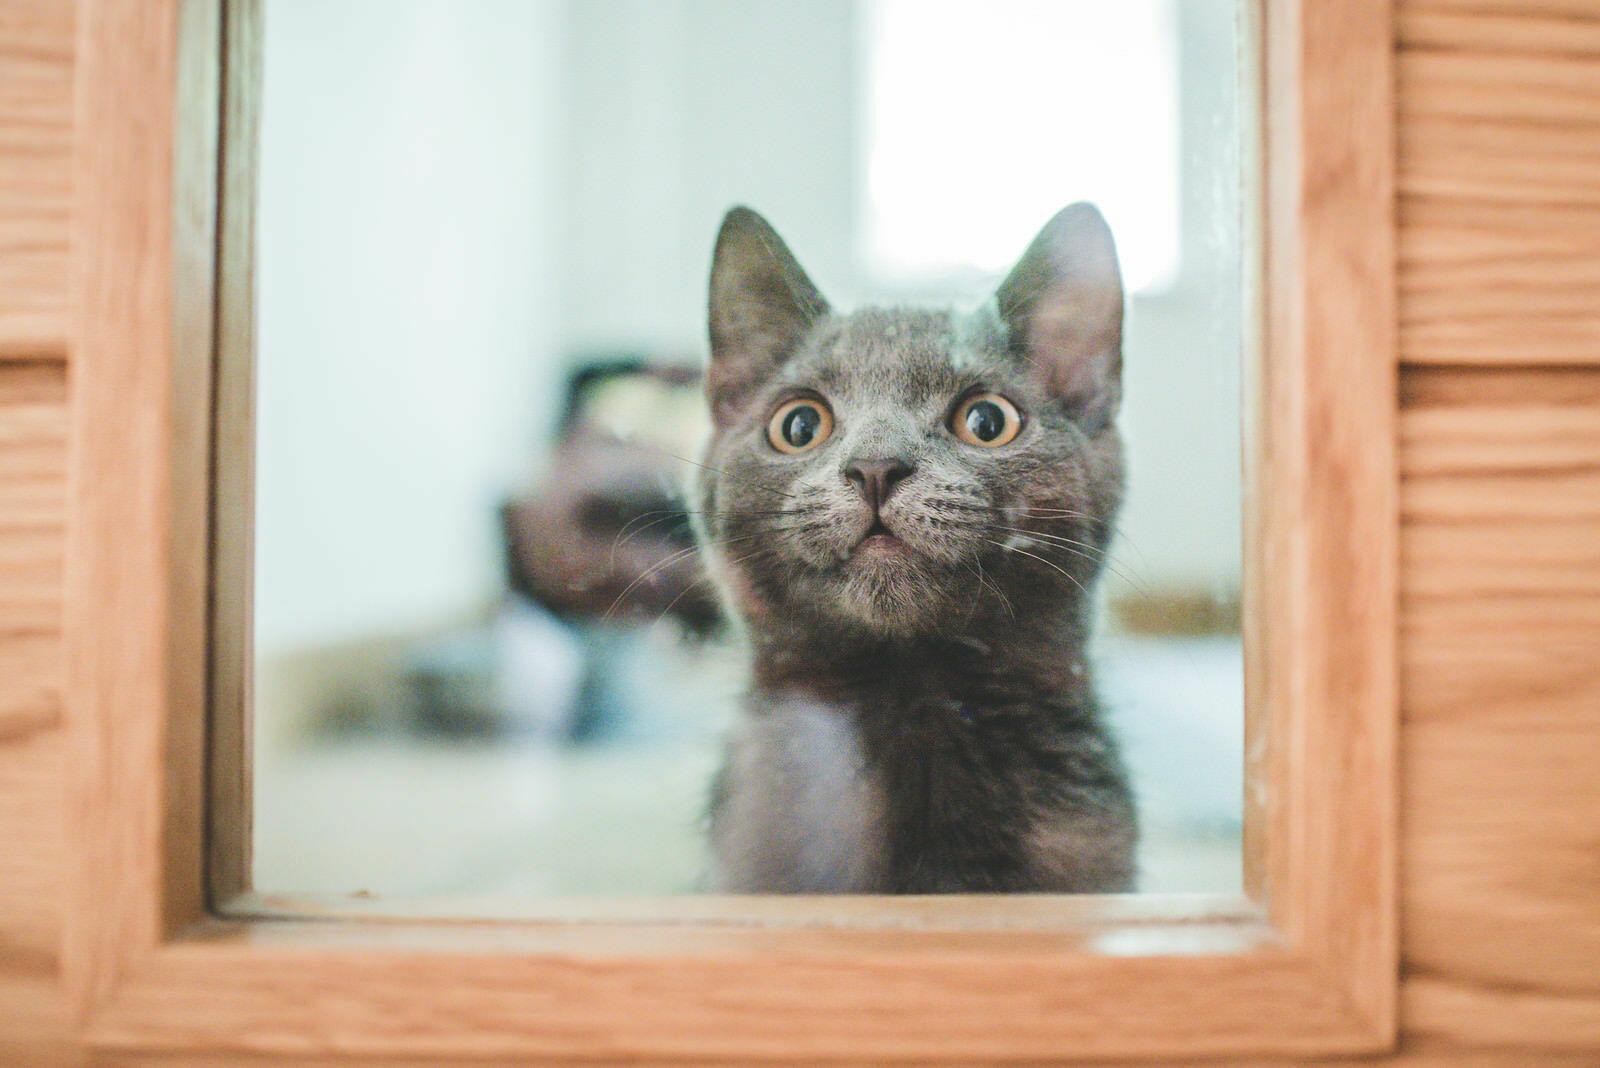 cat watches wedding preparation